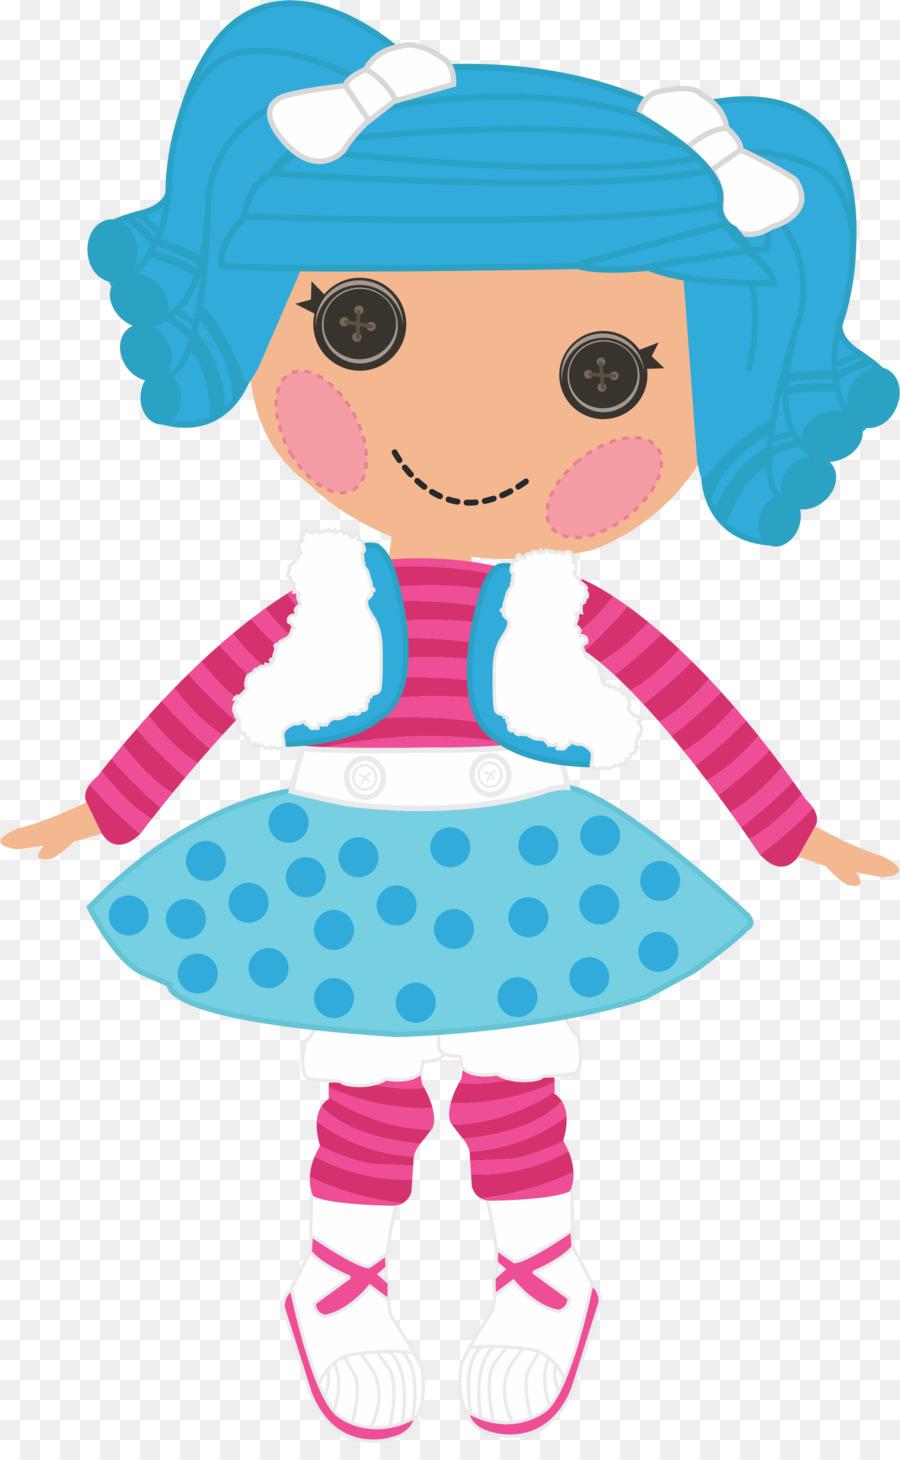 Lalaloopsy Doll Desktop Wallpaper Clip Art